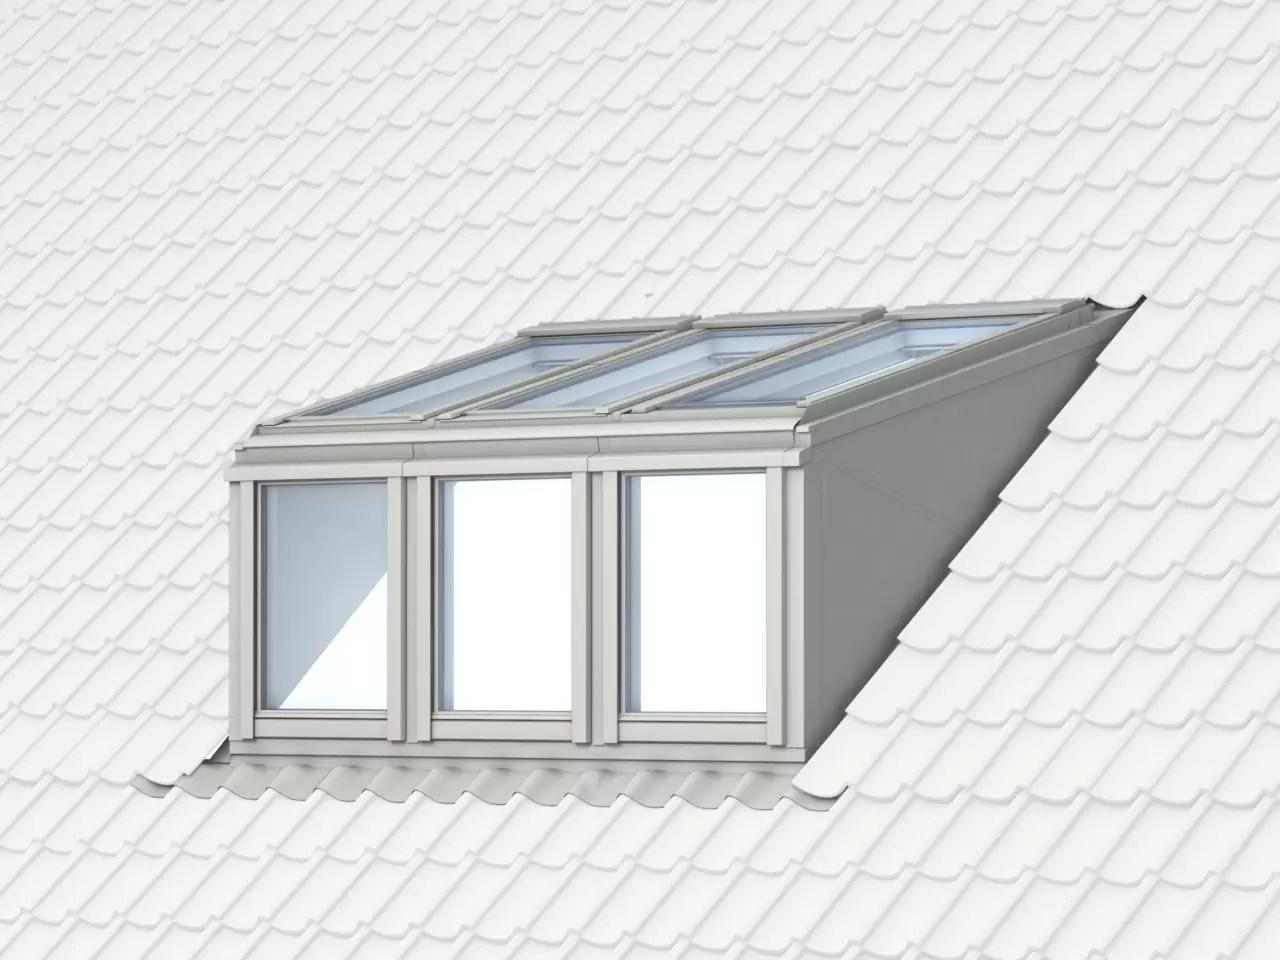 Posizionamento e misure delle finestre per tetti  Mansardait